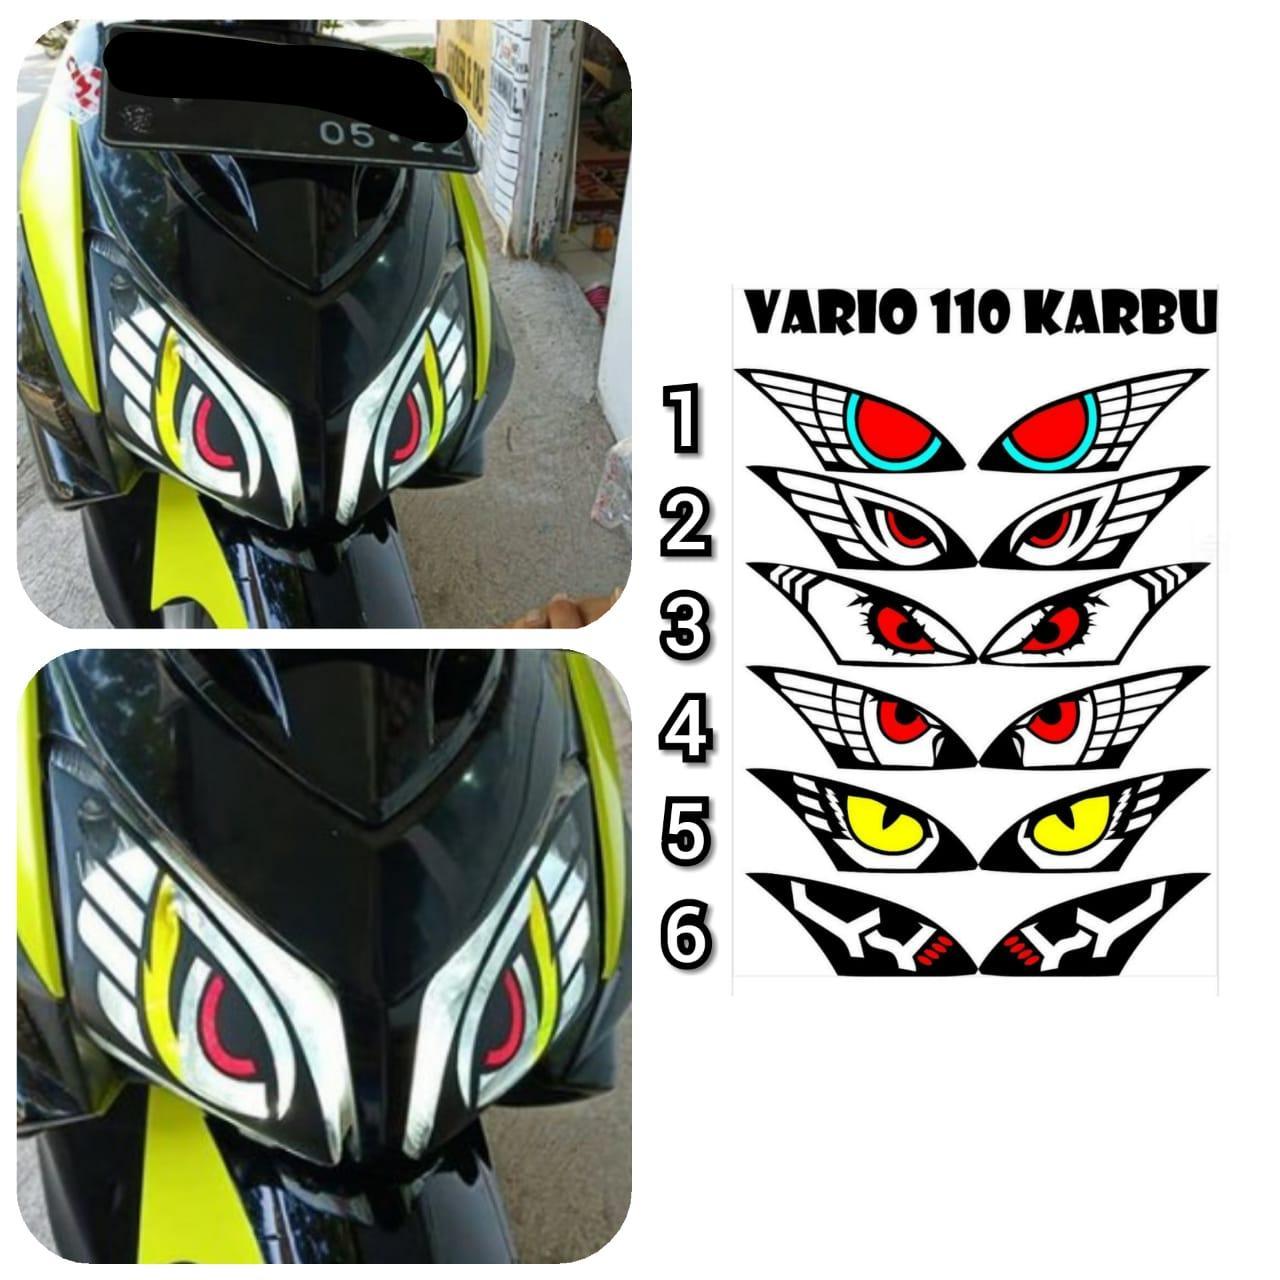 Stiker sticker mata elang vario 110 karbu cw lazada indonesia